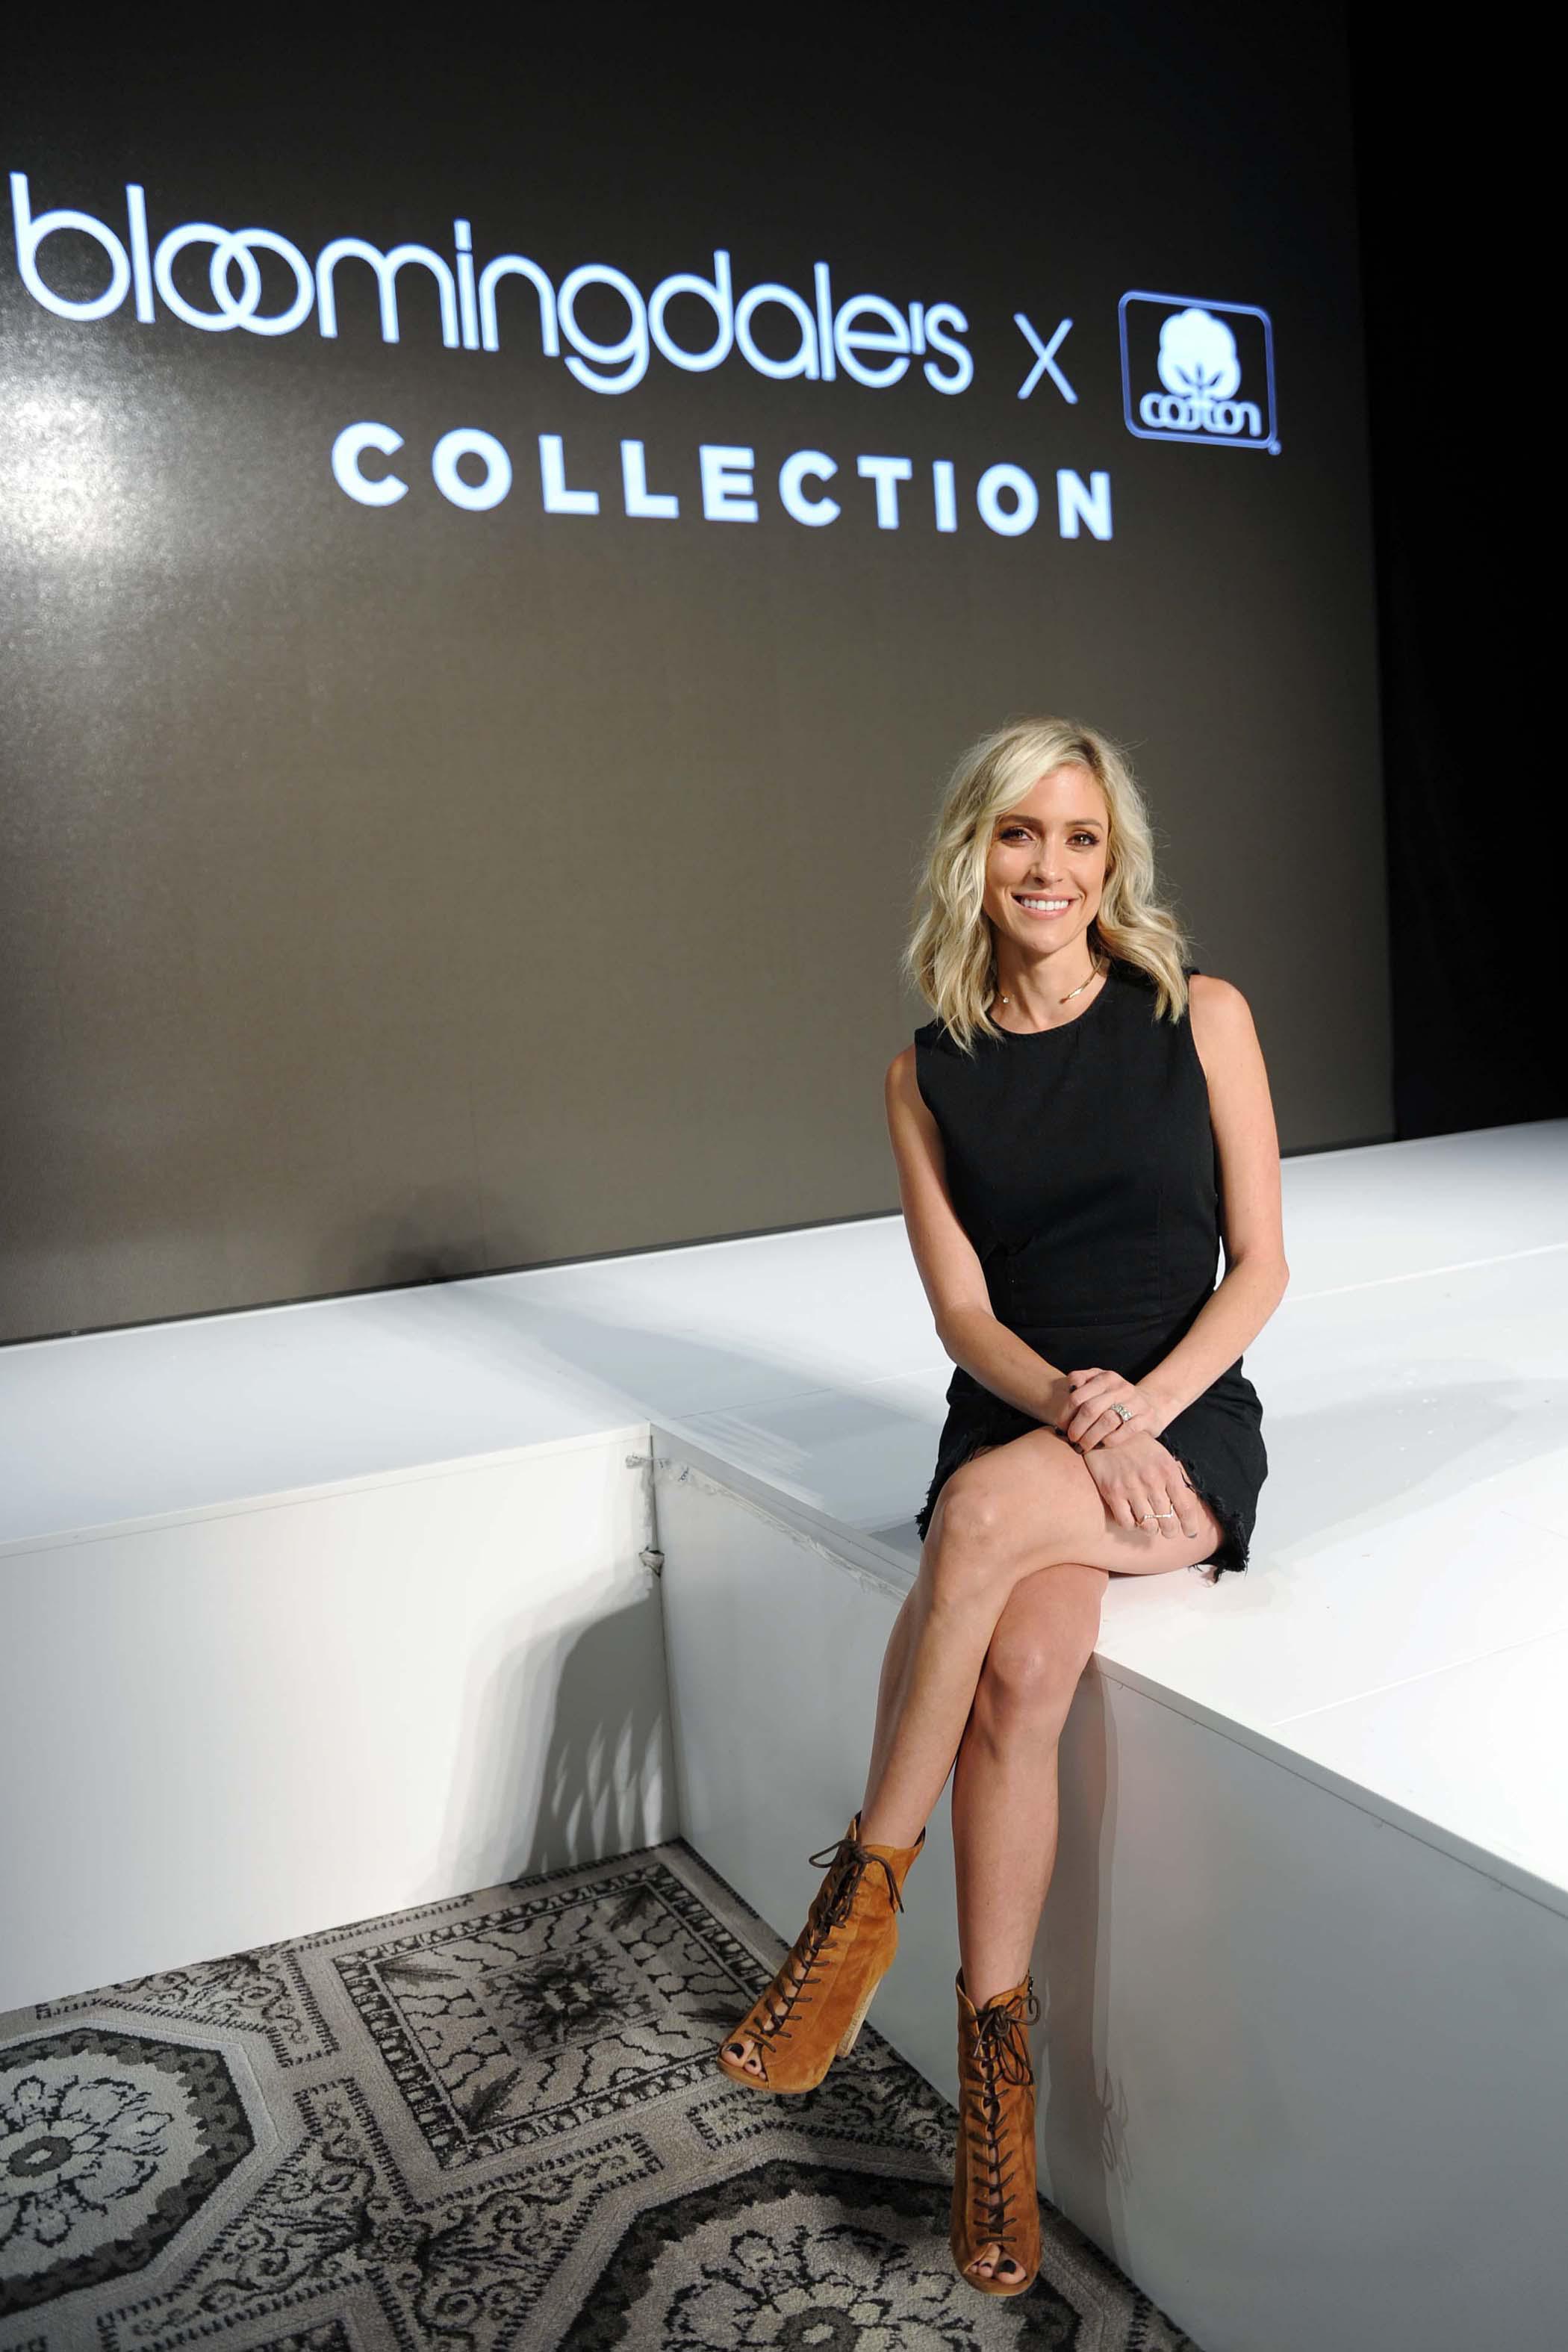 Kristin Cavallari Feet Compilation – CelebFeetScene